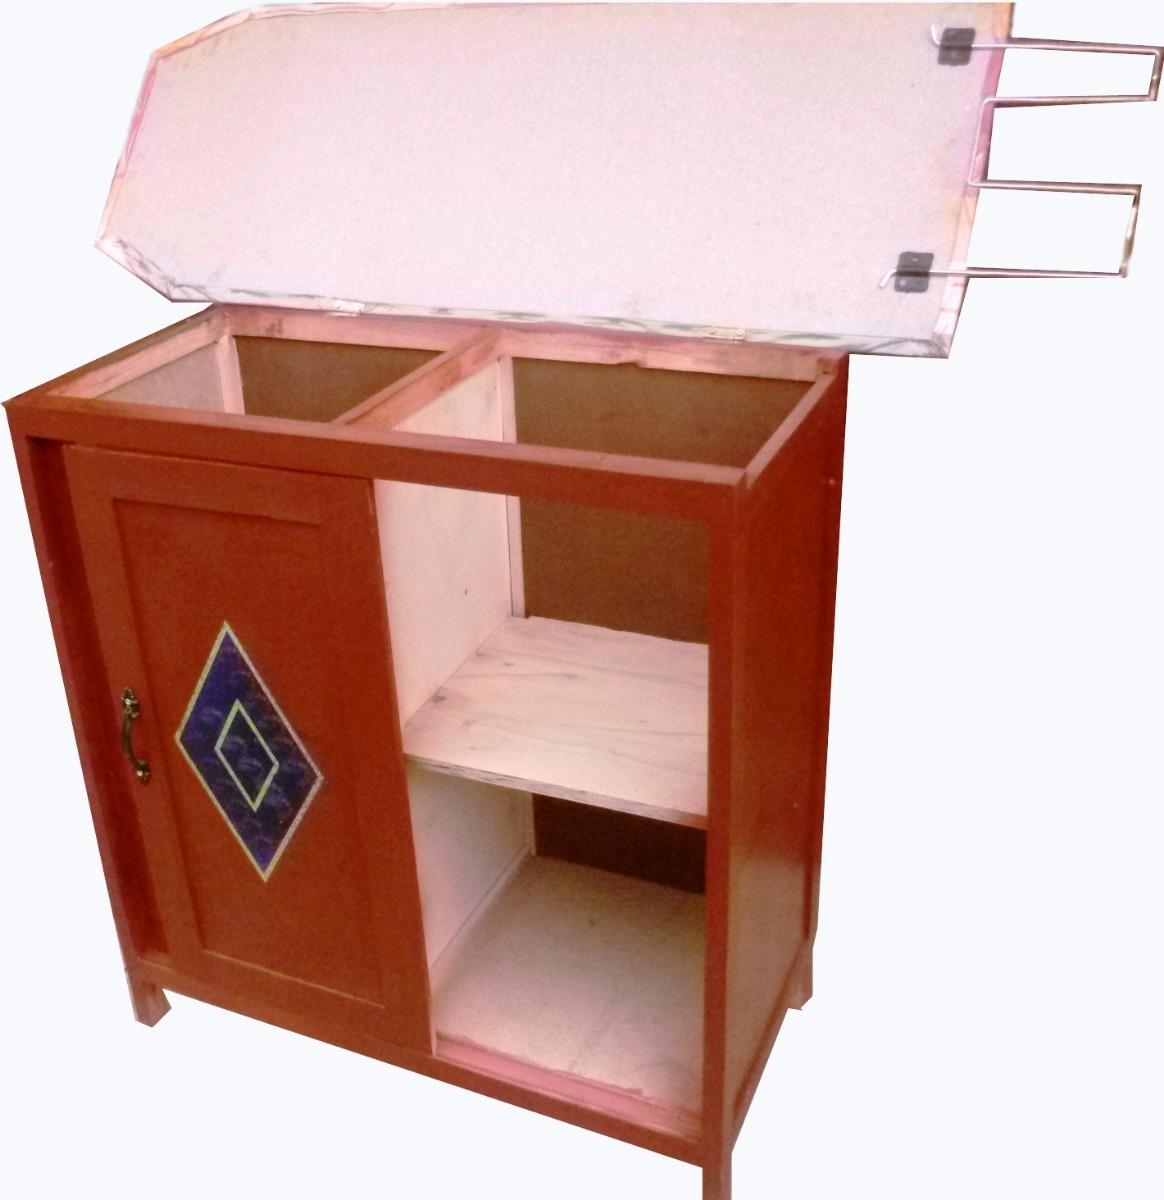 Multimesa mesa para planchar y guardar ropa en - Mueble para guardar tabla de planchar ...